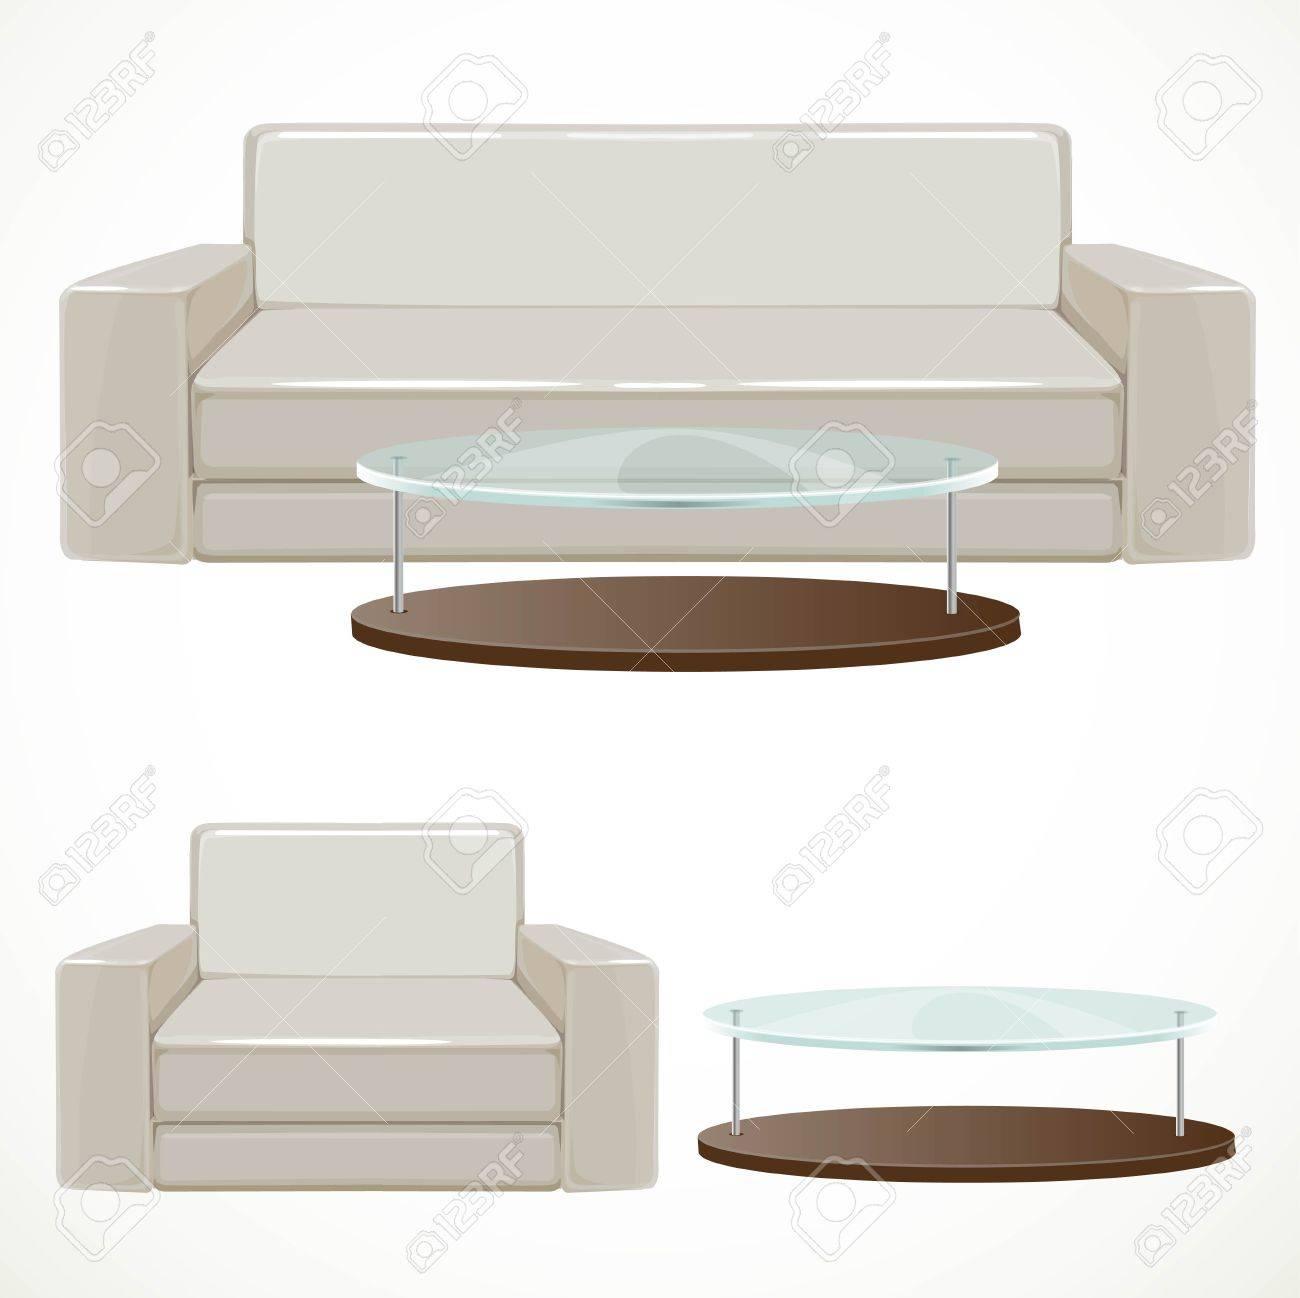 canape et fauteuil rembourres avec beige clair et une table basse avec plateau en verre illustration isole sur fond blanc clip art libres de droits vecteurs et illustration image 54582189